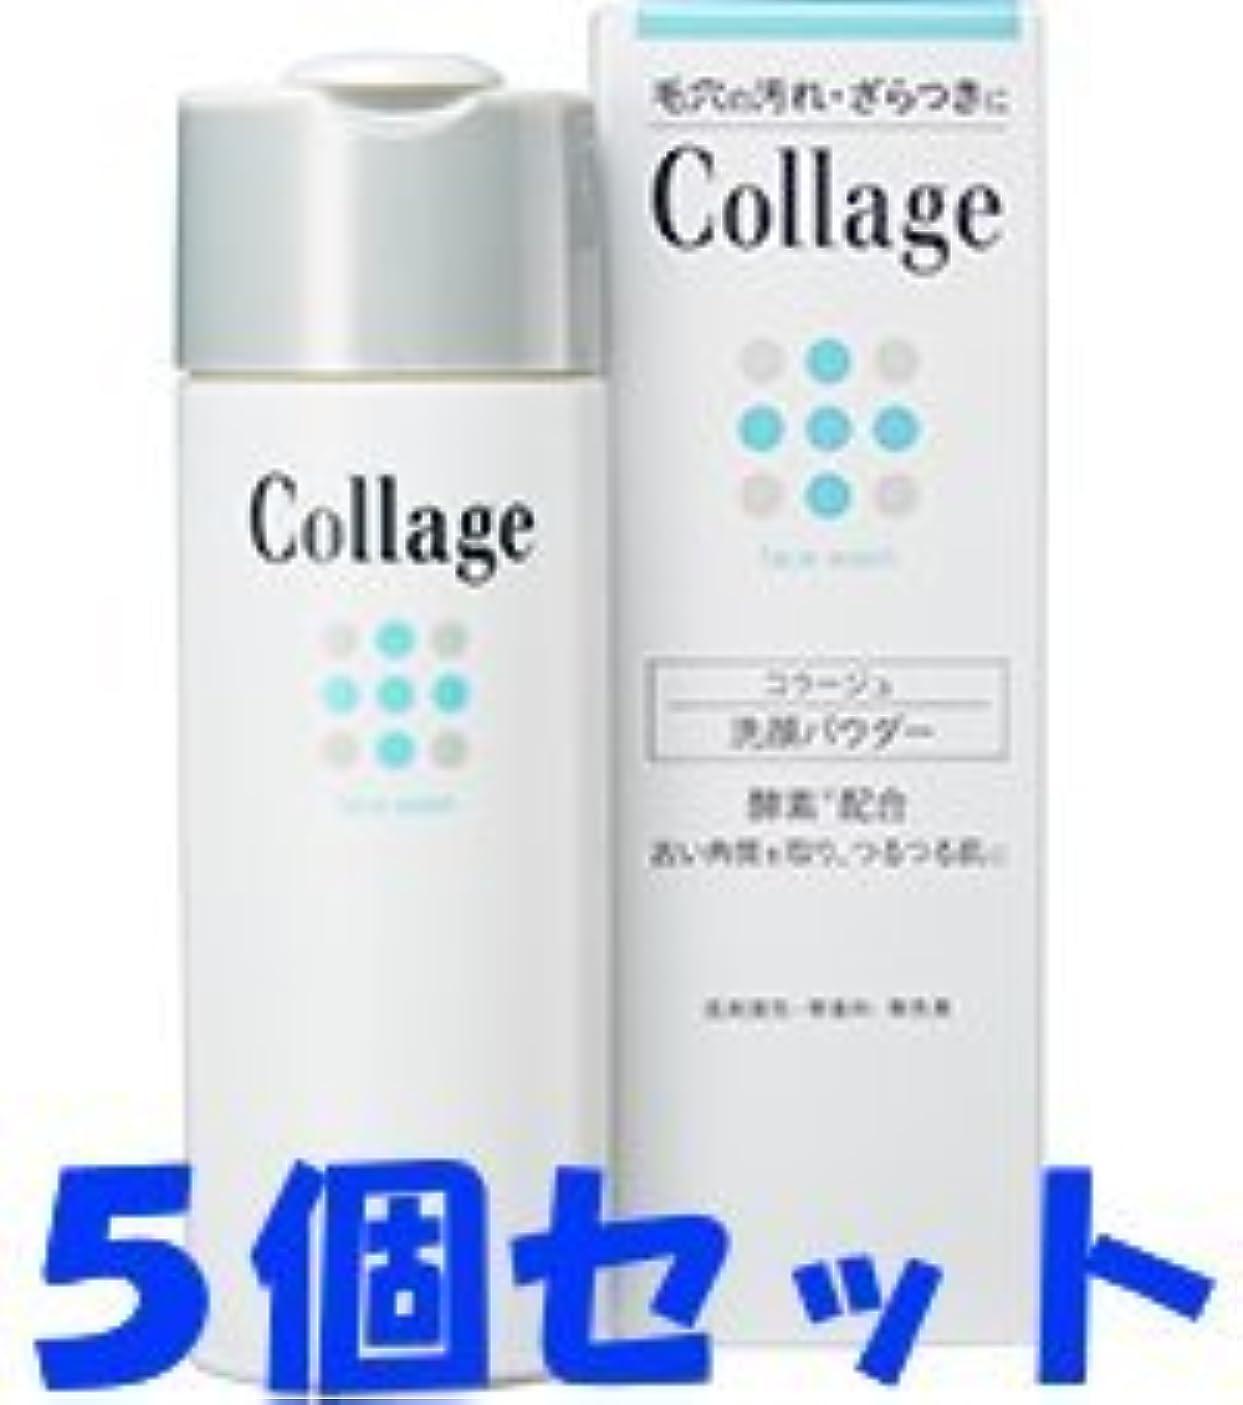 値ロケット正しい【5個セット】コラージュ 洗顔パウダー 80g